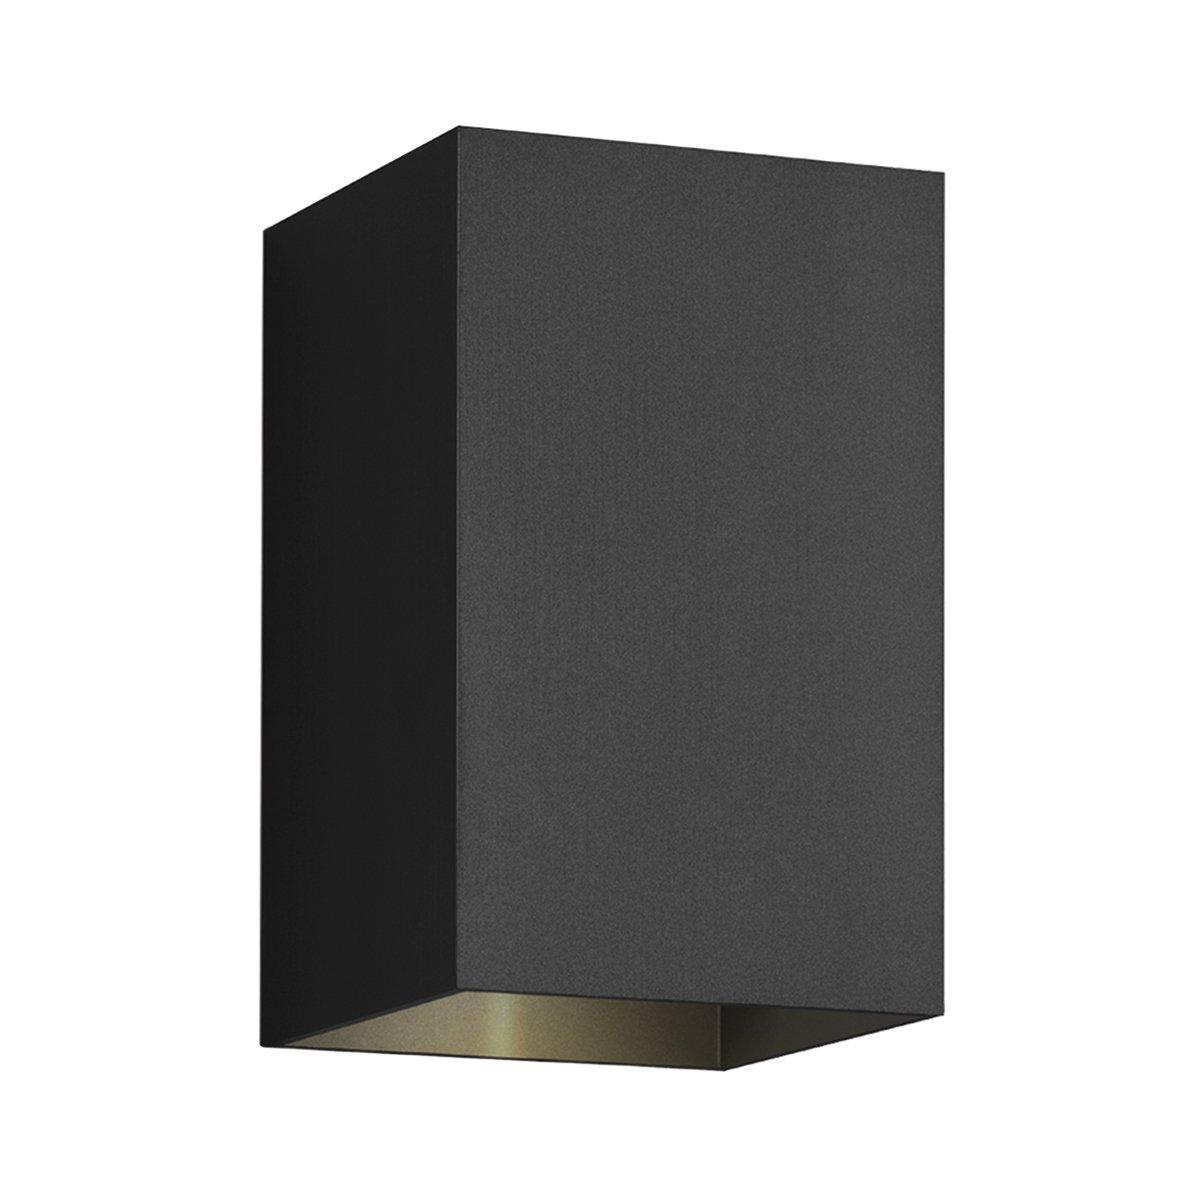 Wever & Ducr� Box 4.0 Outdoor Wandlamp Zwart - 2700 Kelvin